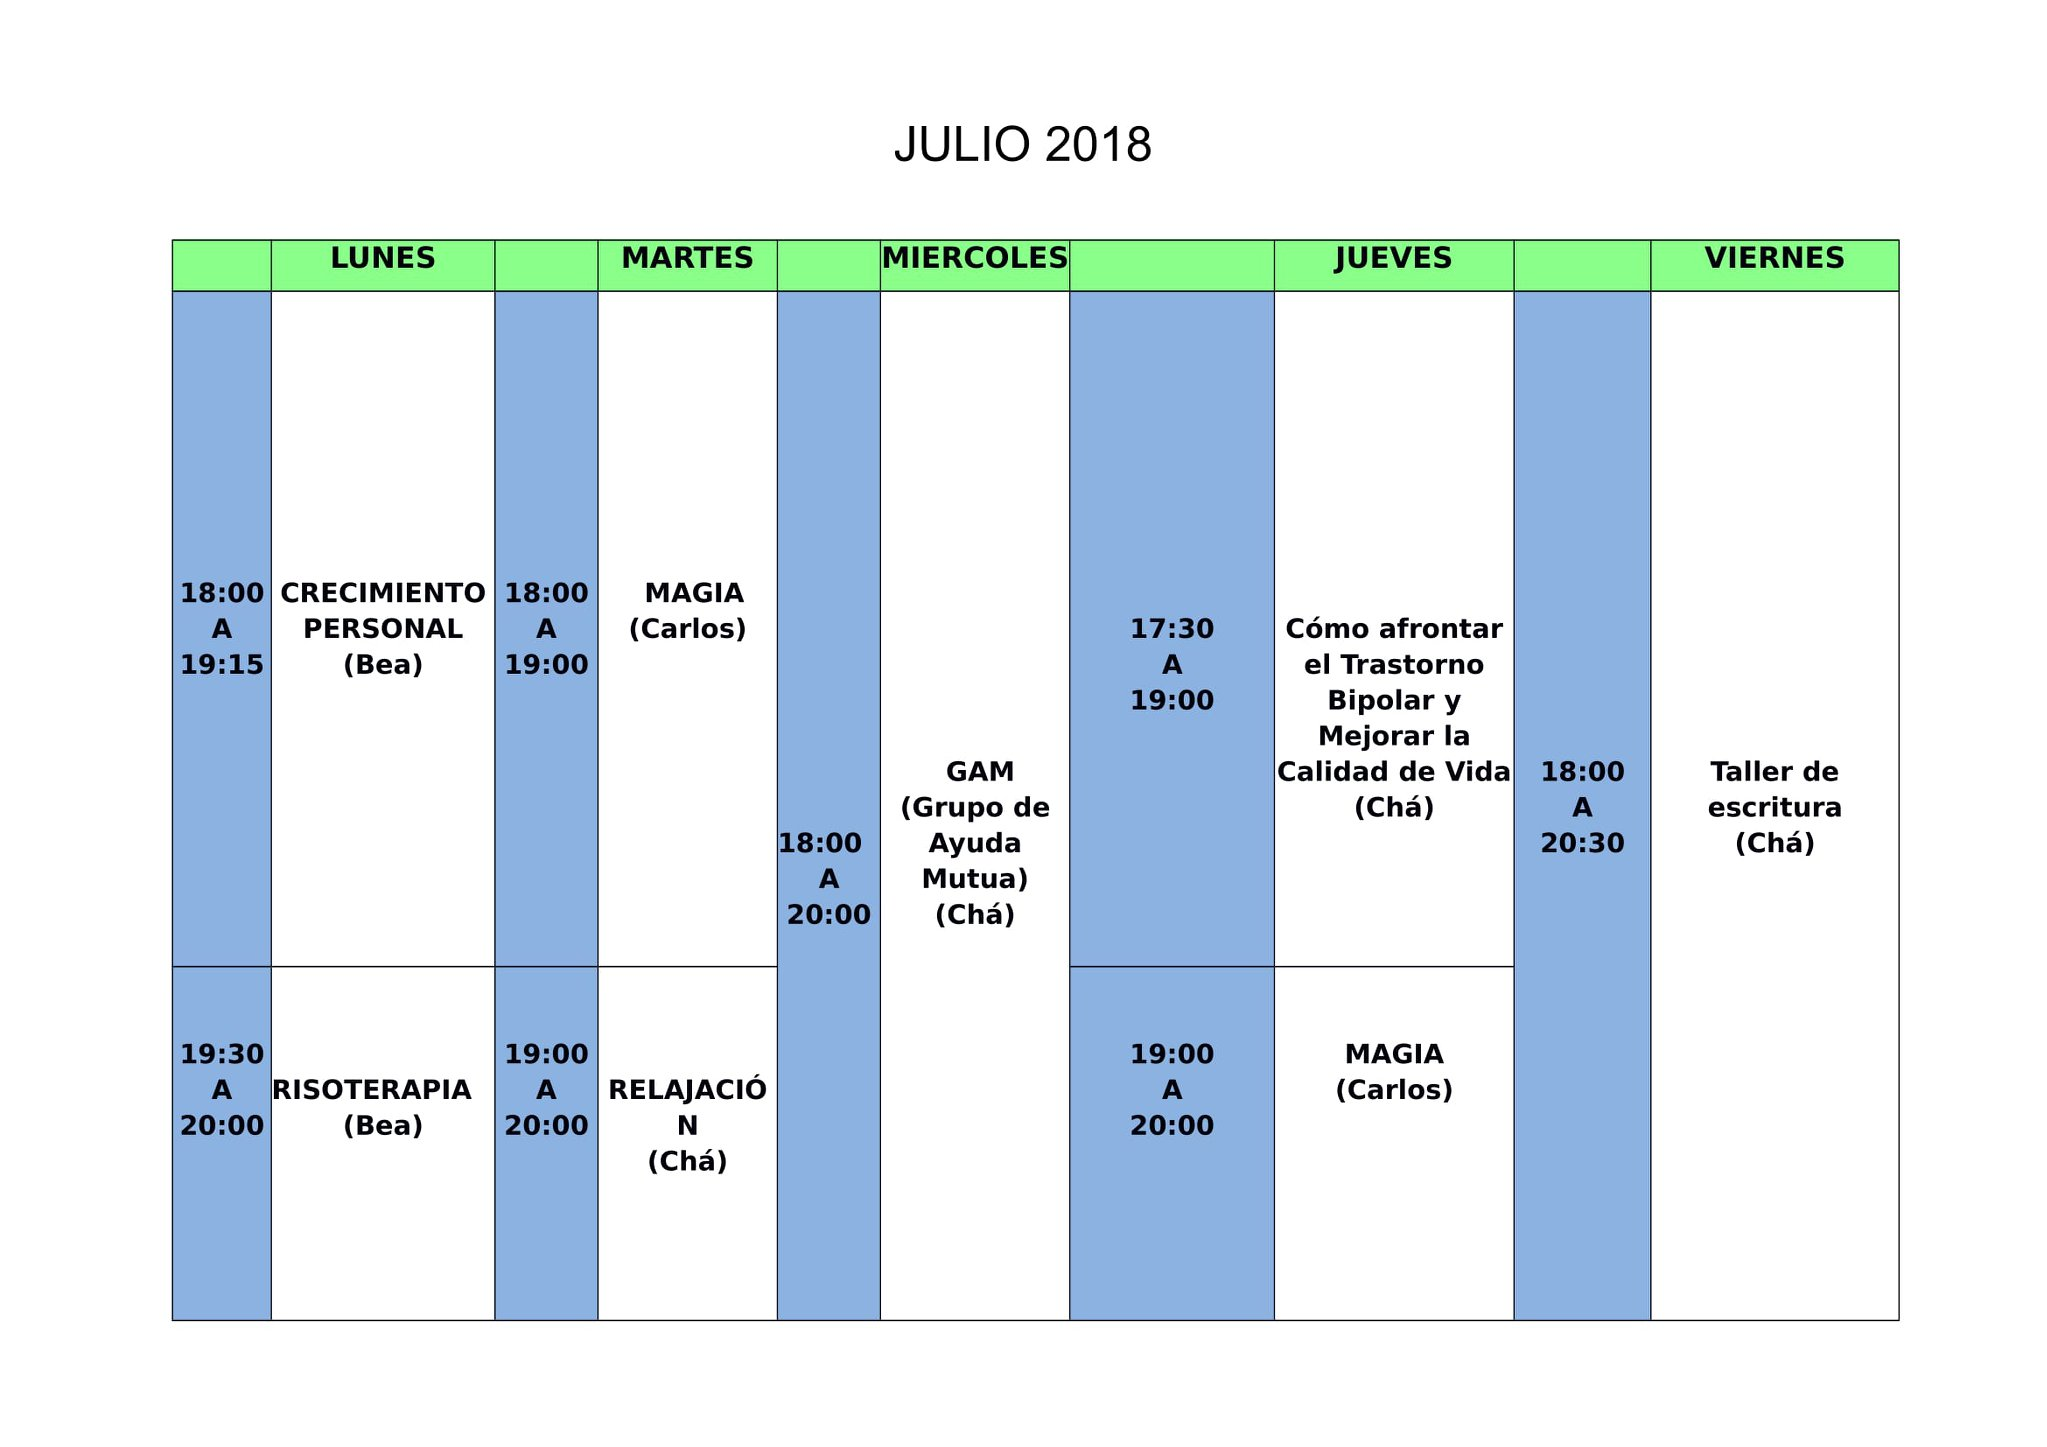 Julio Calendario.Calendario Julio 2018